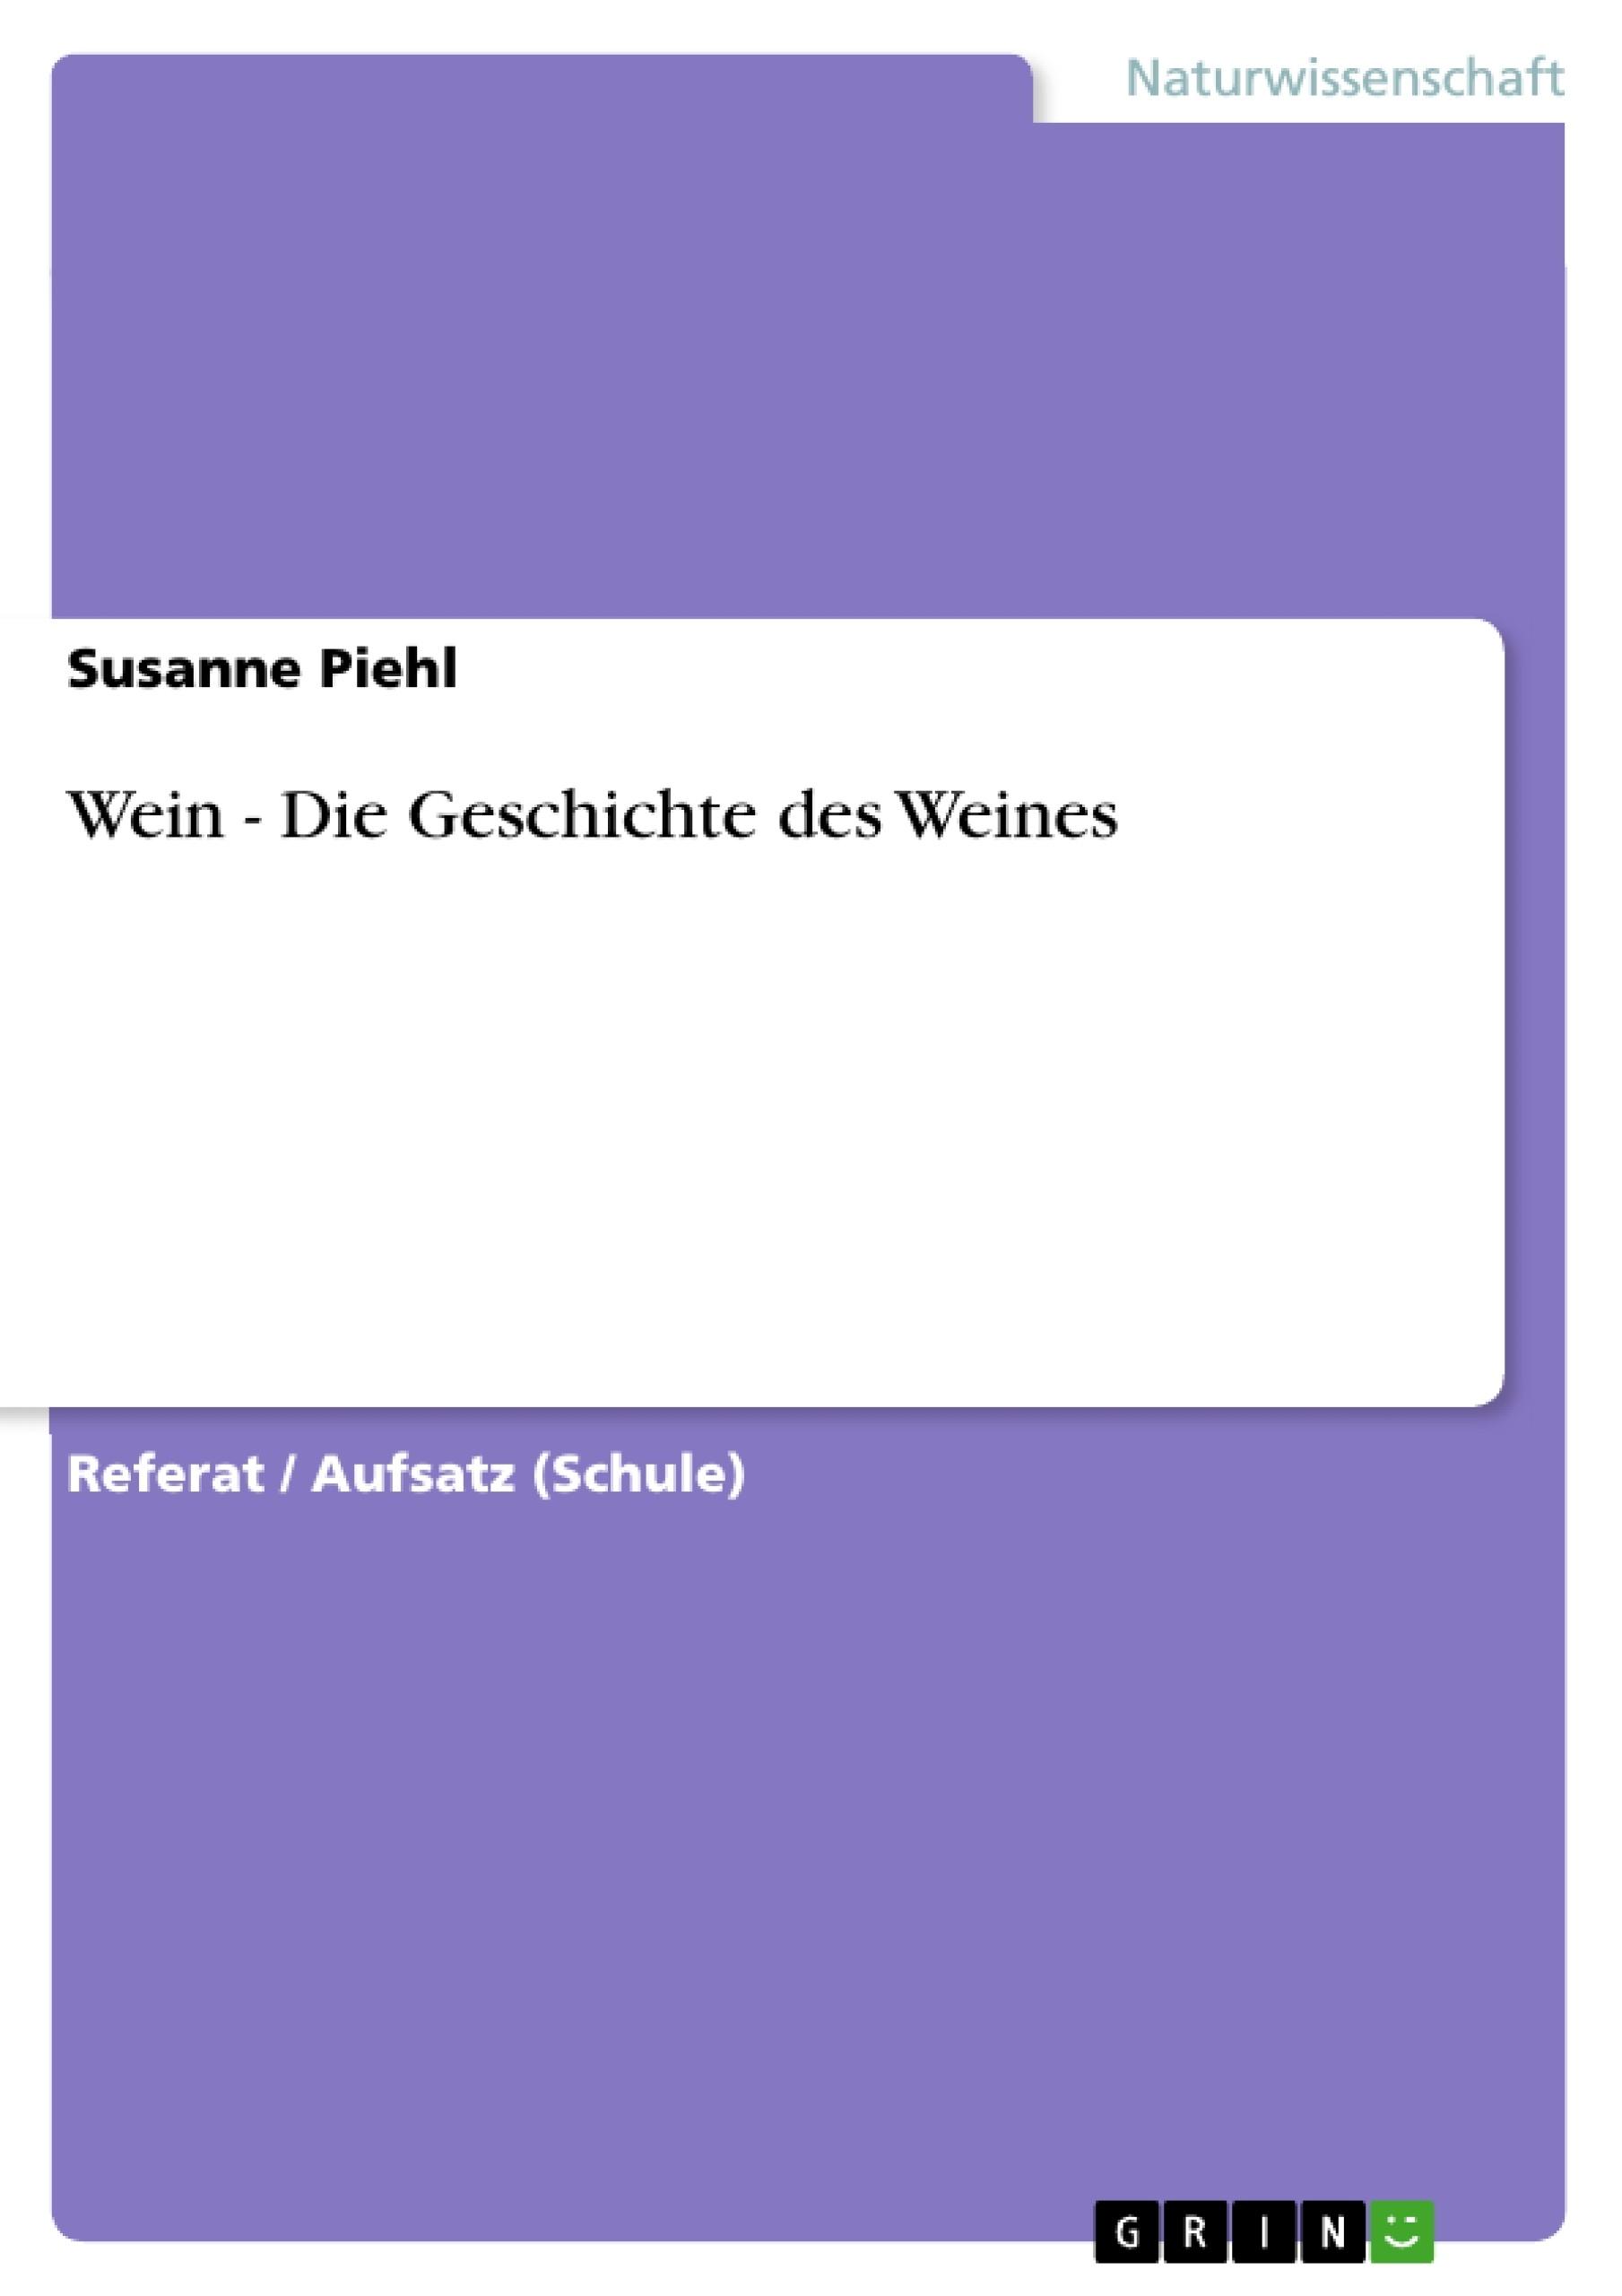 Titel: Wein - Die Geschichte des Weines